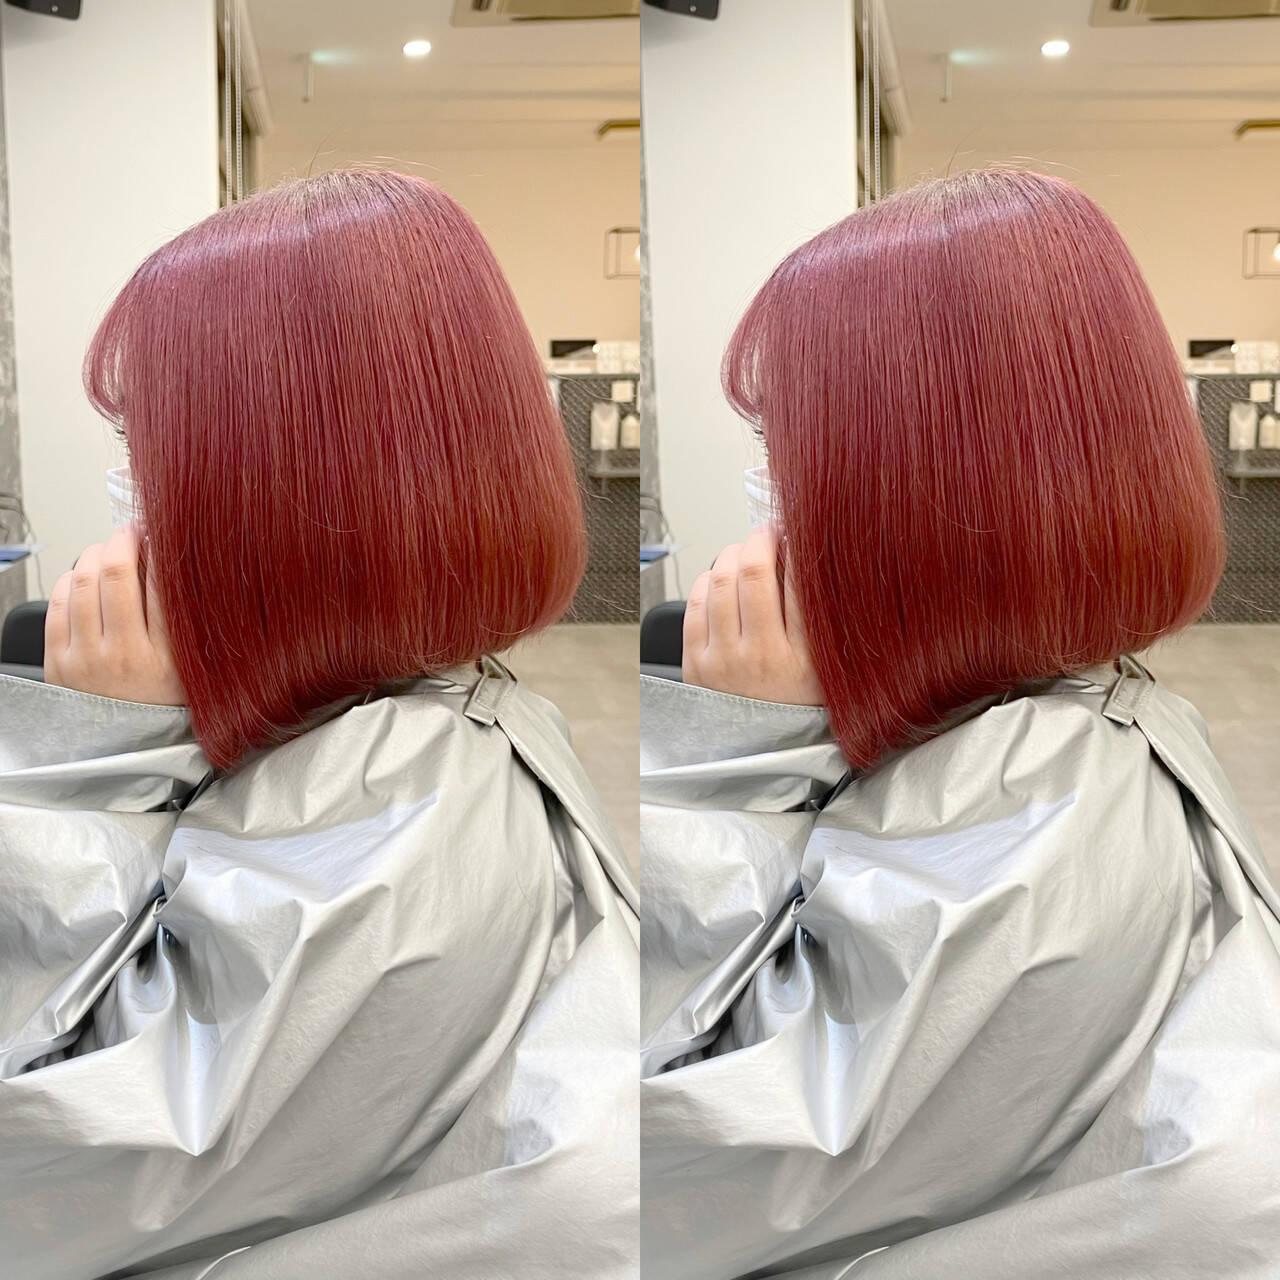 艶髪 前下がりボブ ベリーピンク ガーリーヘアスタイルや髪型の写真・画像